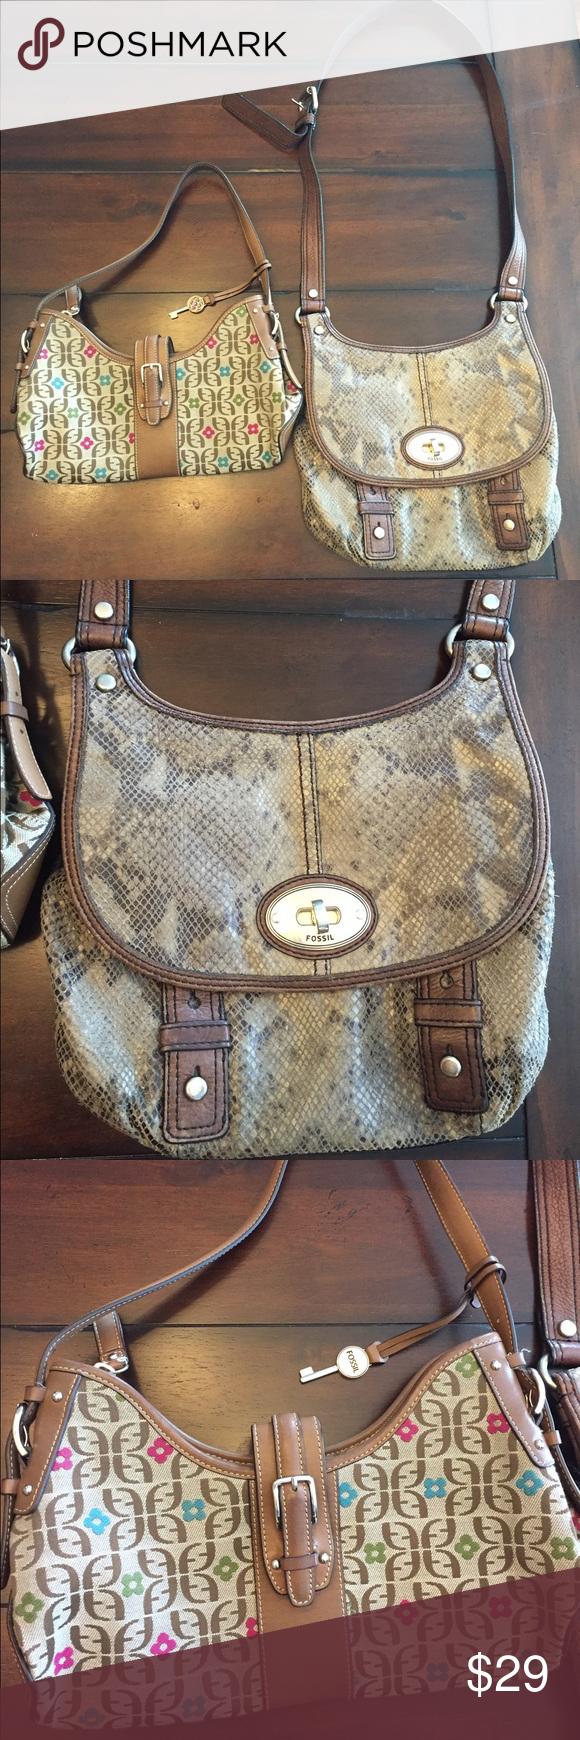 Women Used Designer Bags On Poshmark